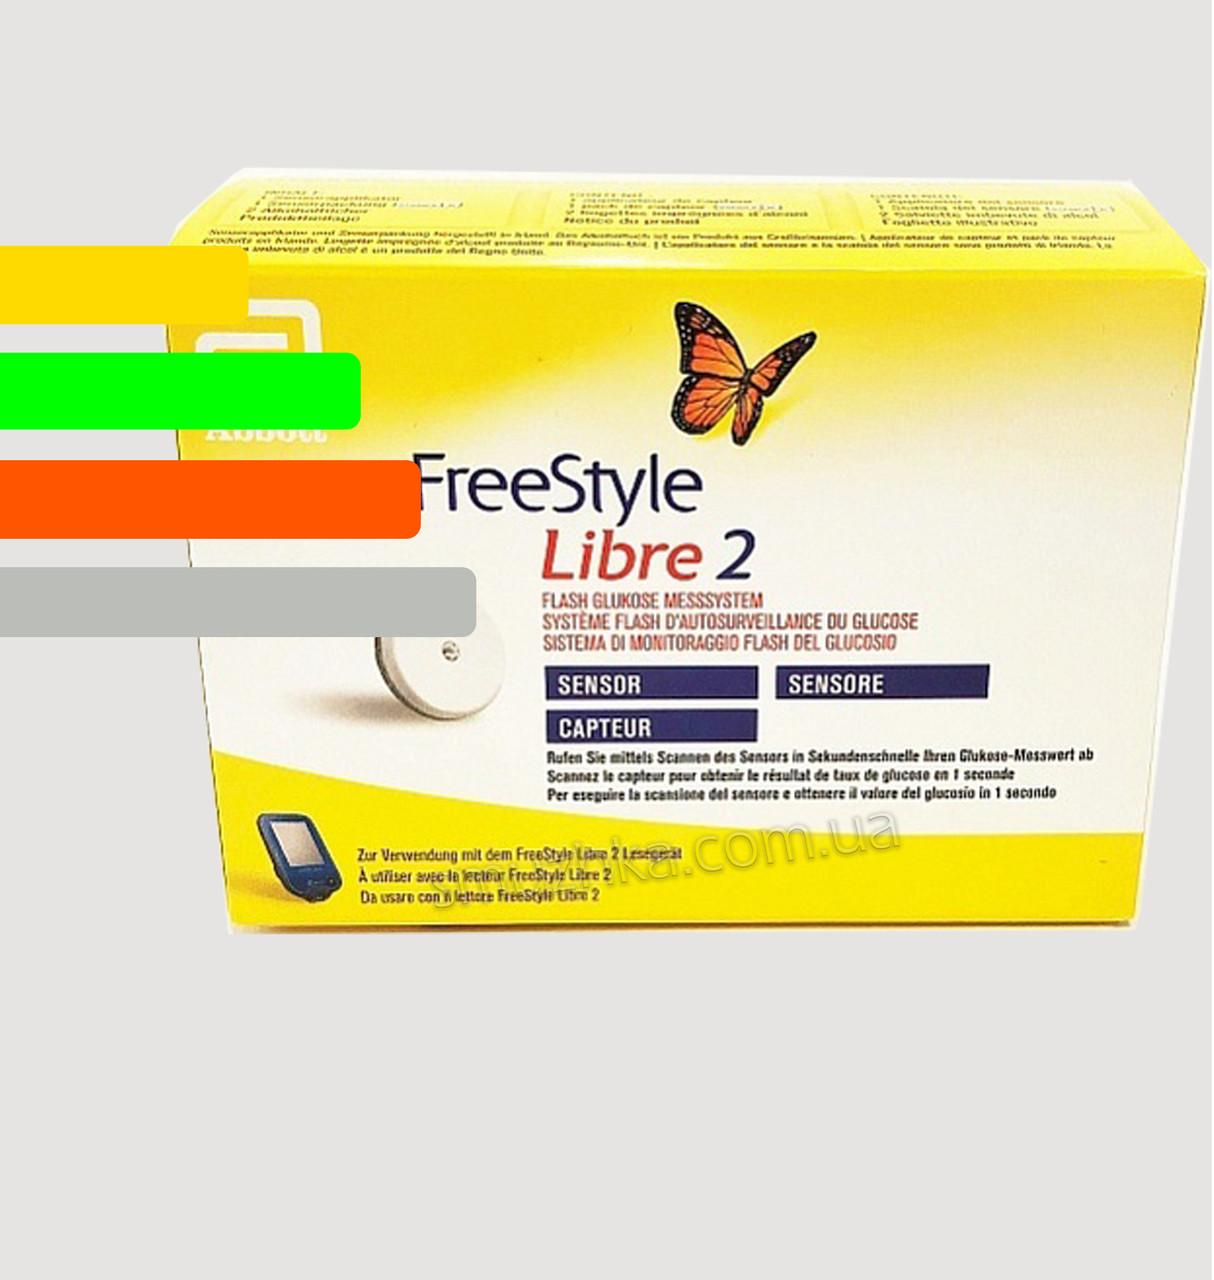 Сенсор Фристай либре 2 второго поколения - Sensor Freestyle Libre 2